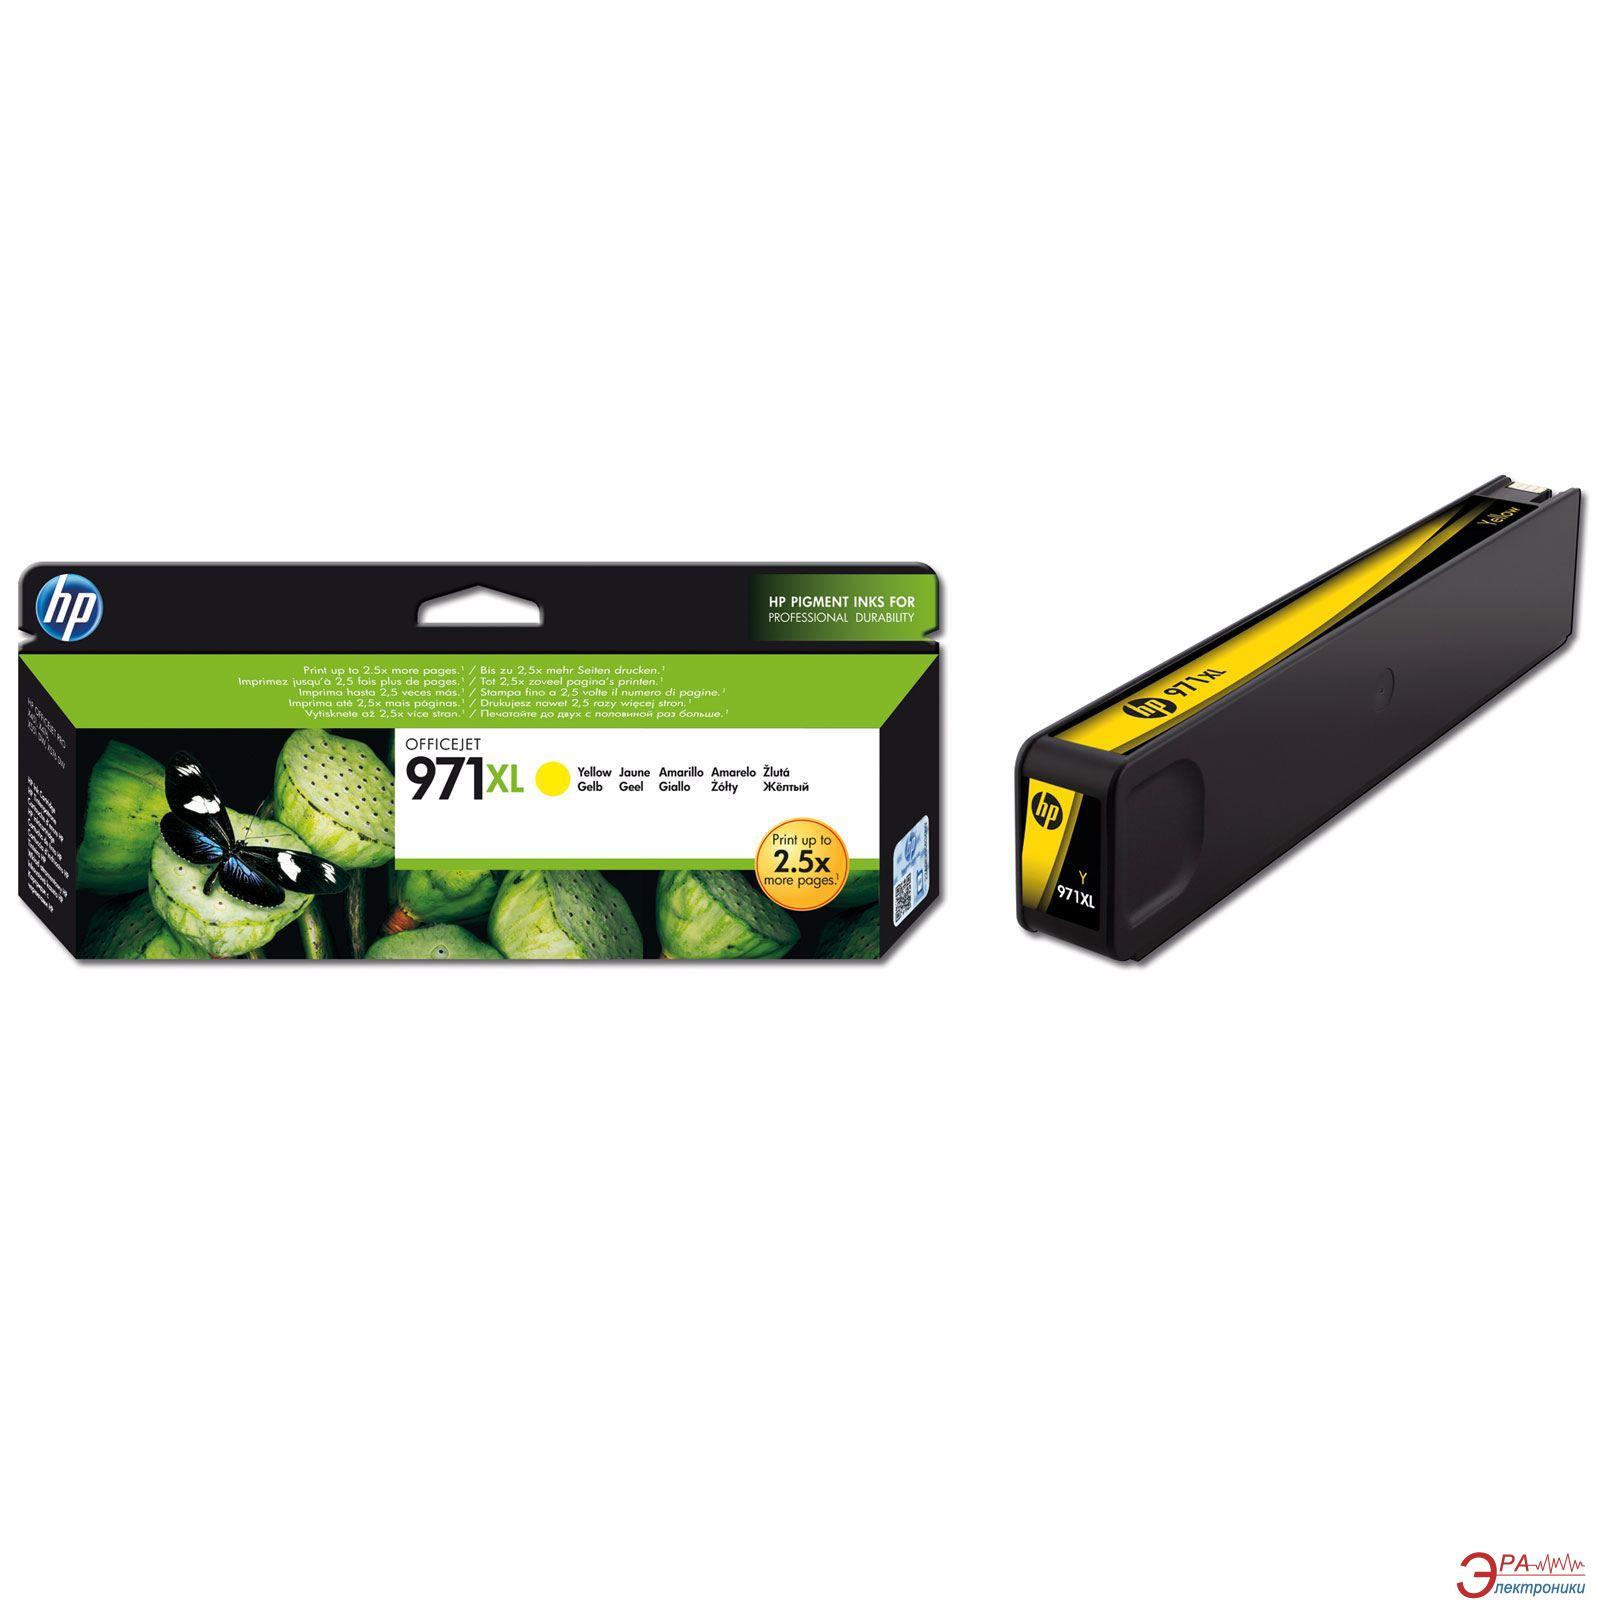 Картридж HP (CN628AE) (Officejet Pro X451dw) Yellow